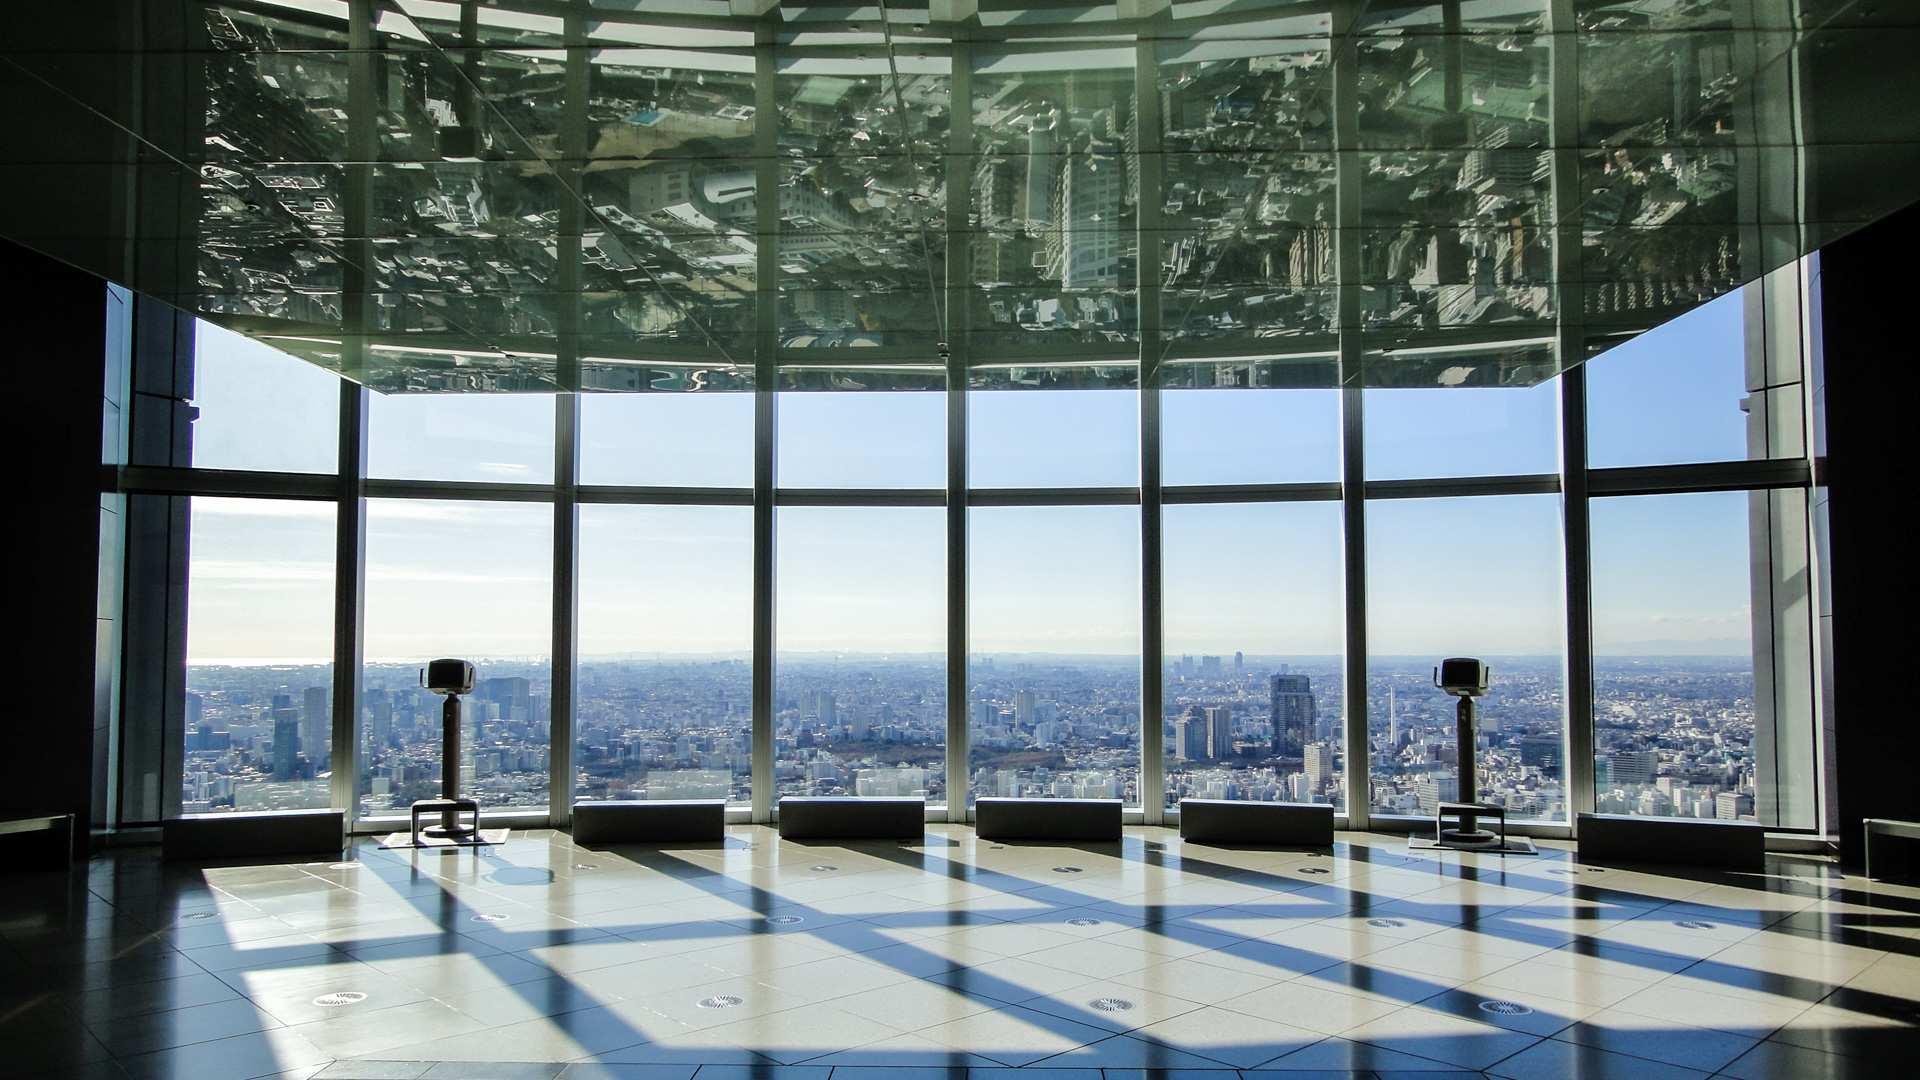 東京定番観光スポット|六本木ヒルズ展望台 東京シティビュー 入場チケット